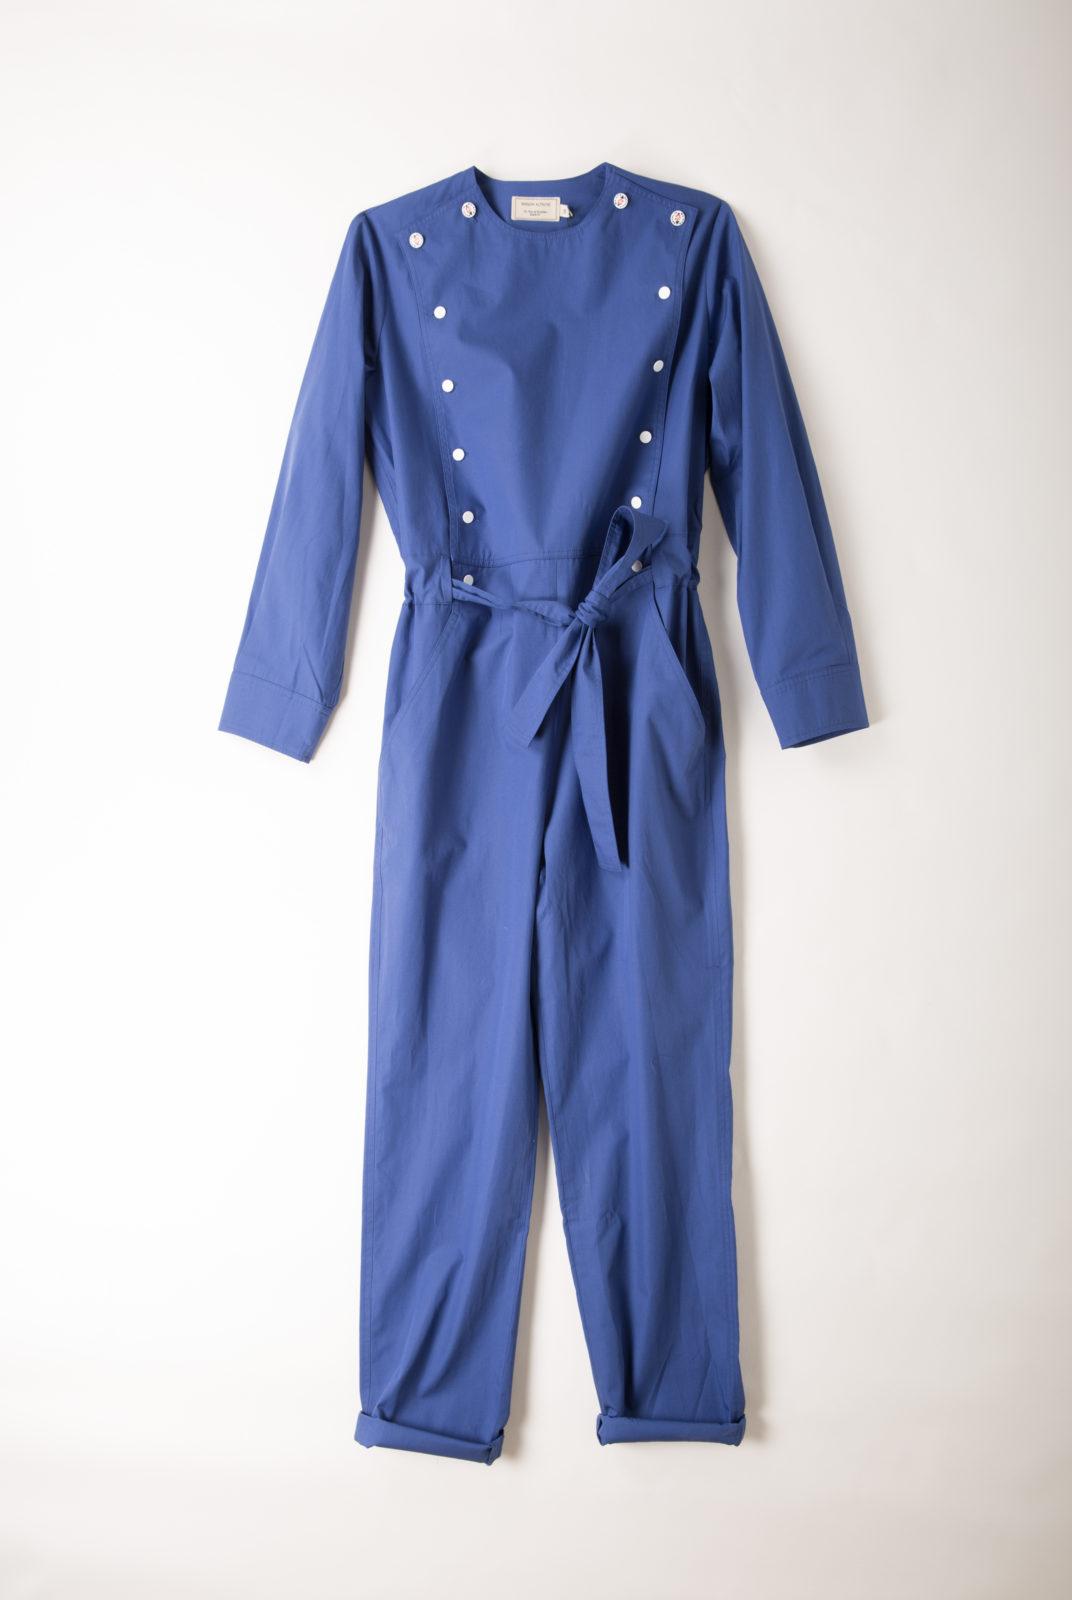 combinaison, eddie, bleu royale, popeline de coton, encolure ronde, manches longues, coupe droite, maison kitsuné